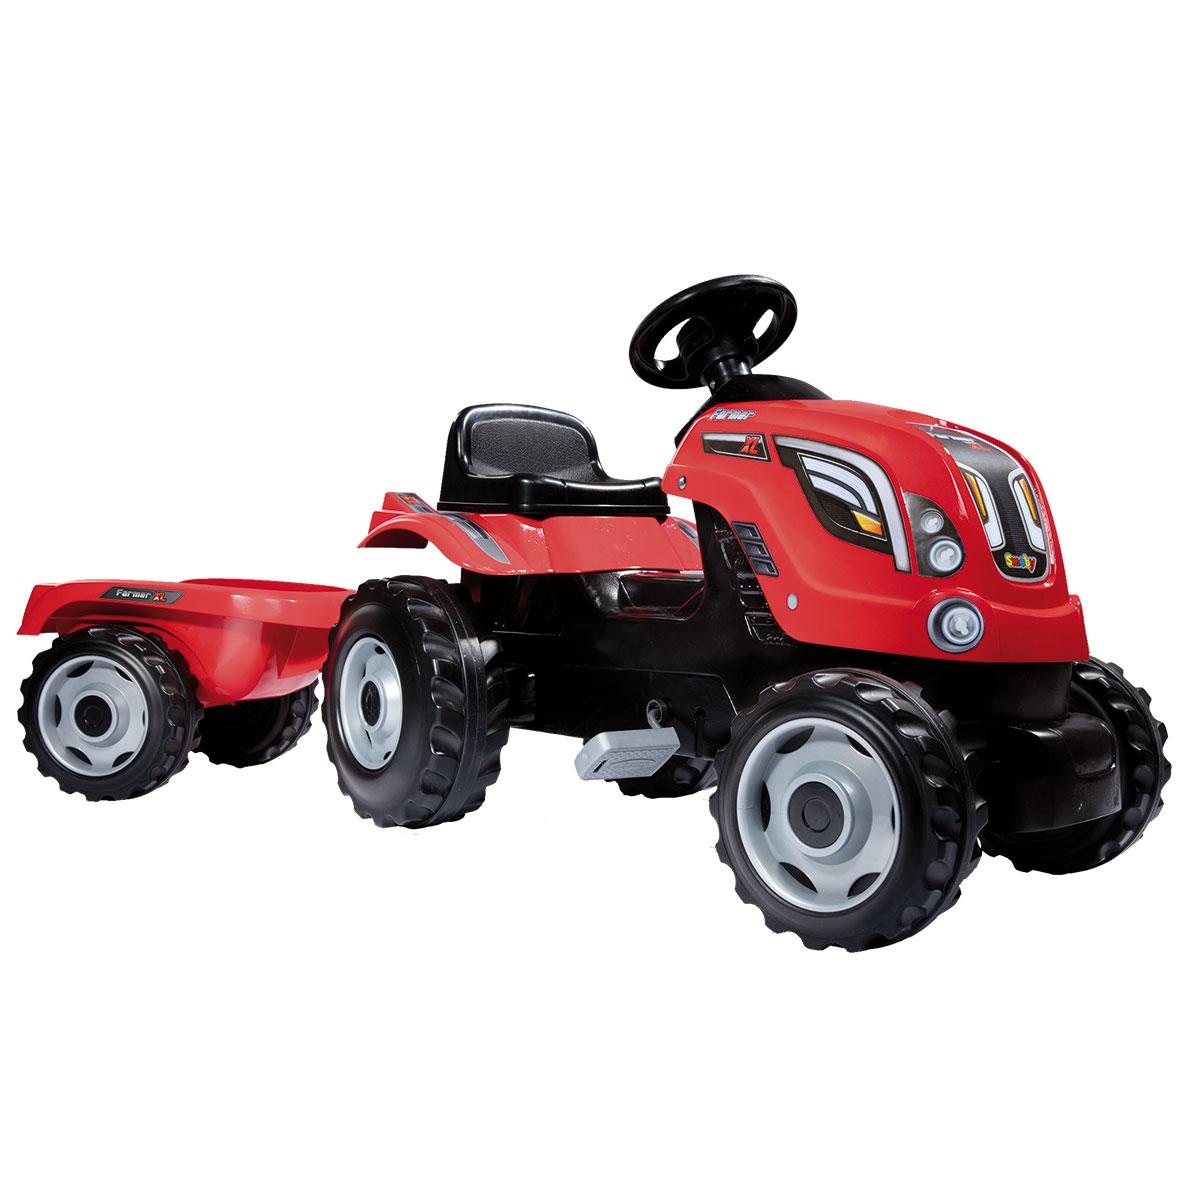 Billede af Smoby traktor med anhænger - Rød